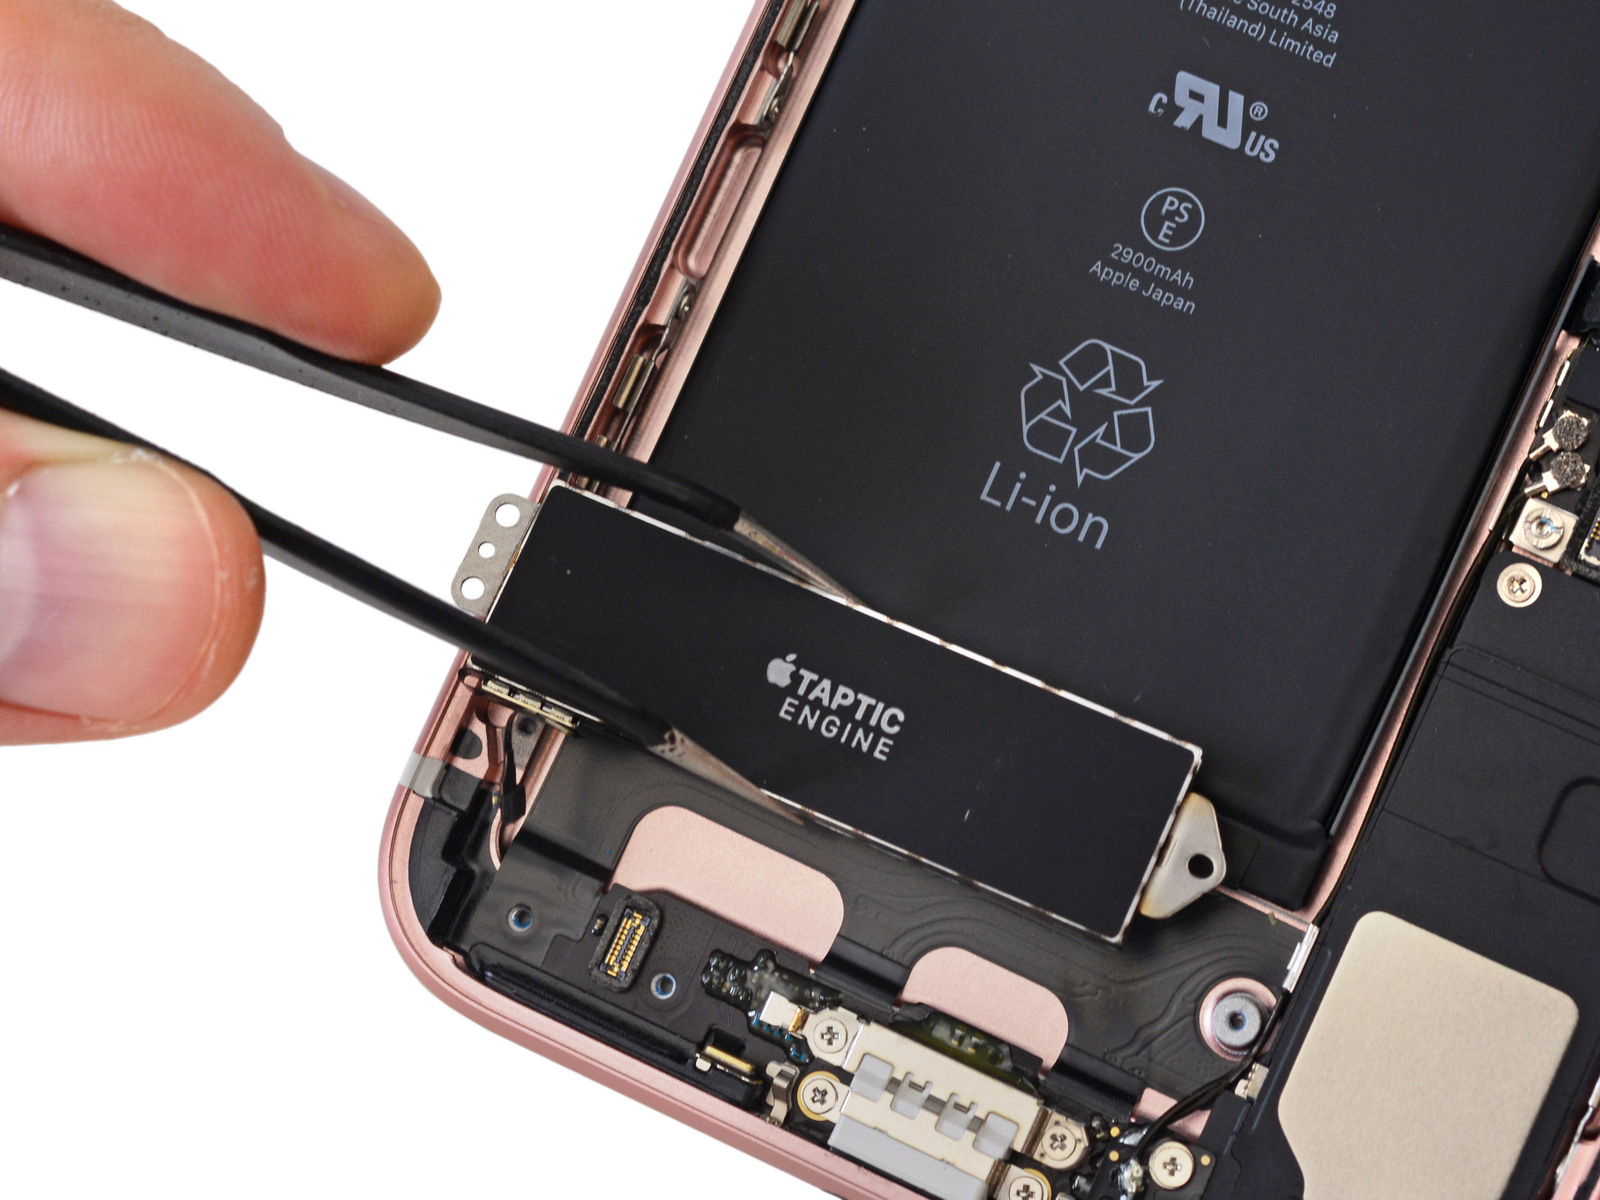 IPhone 7 Gut Zu Reparieren Wurden Apple Produkte Oft Dafur Kritisiert Durch Kompakte Bauweise Massiven Einsatz Von Kleber Sowie Fest Angebrachte